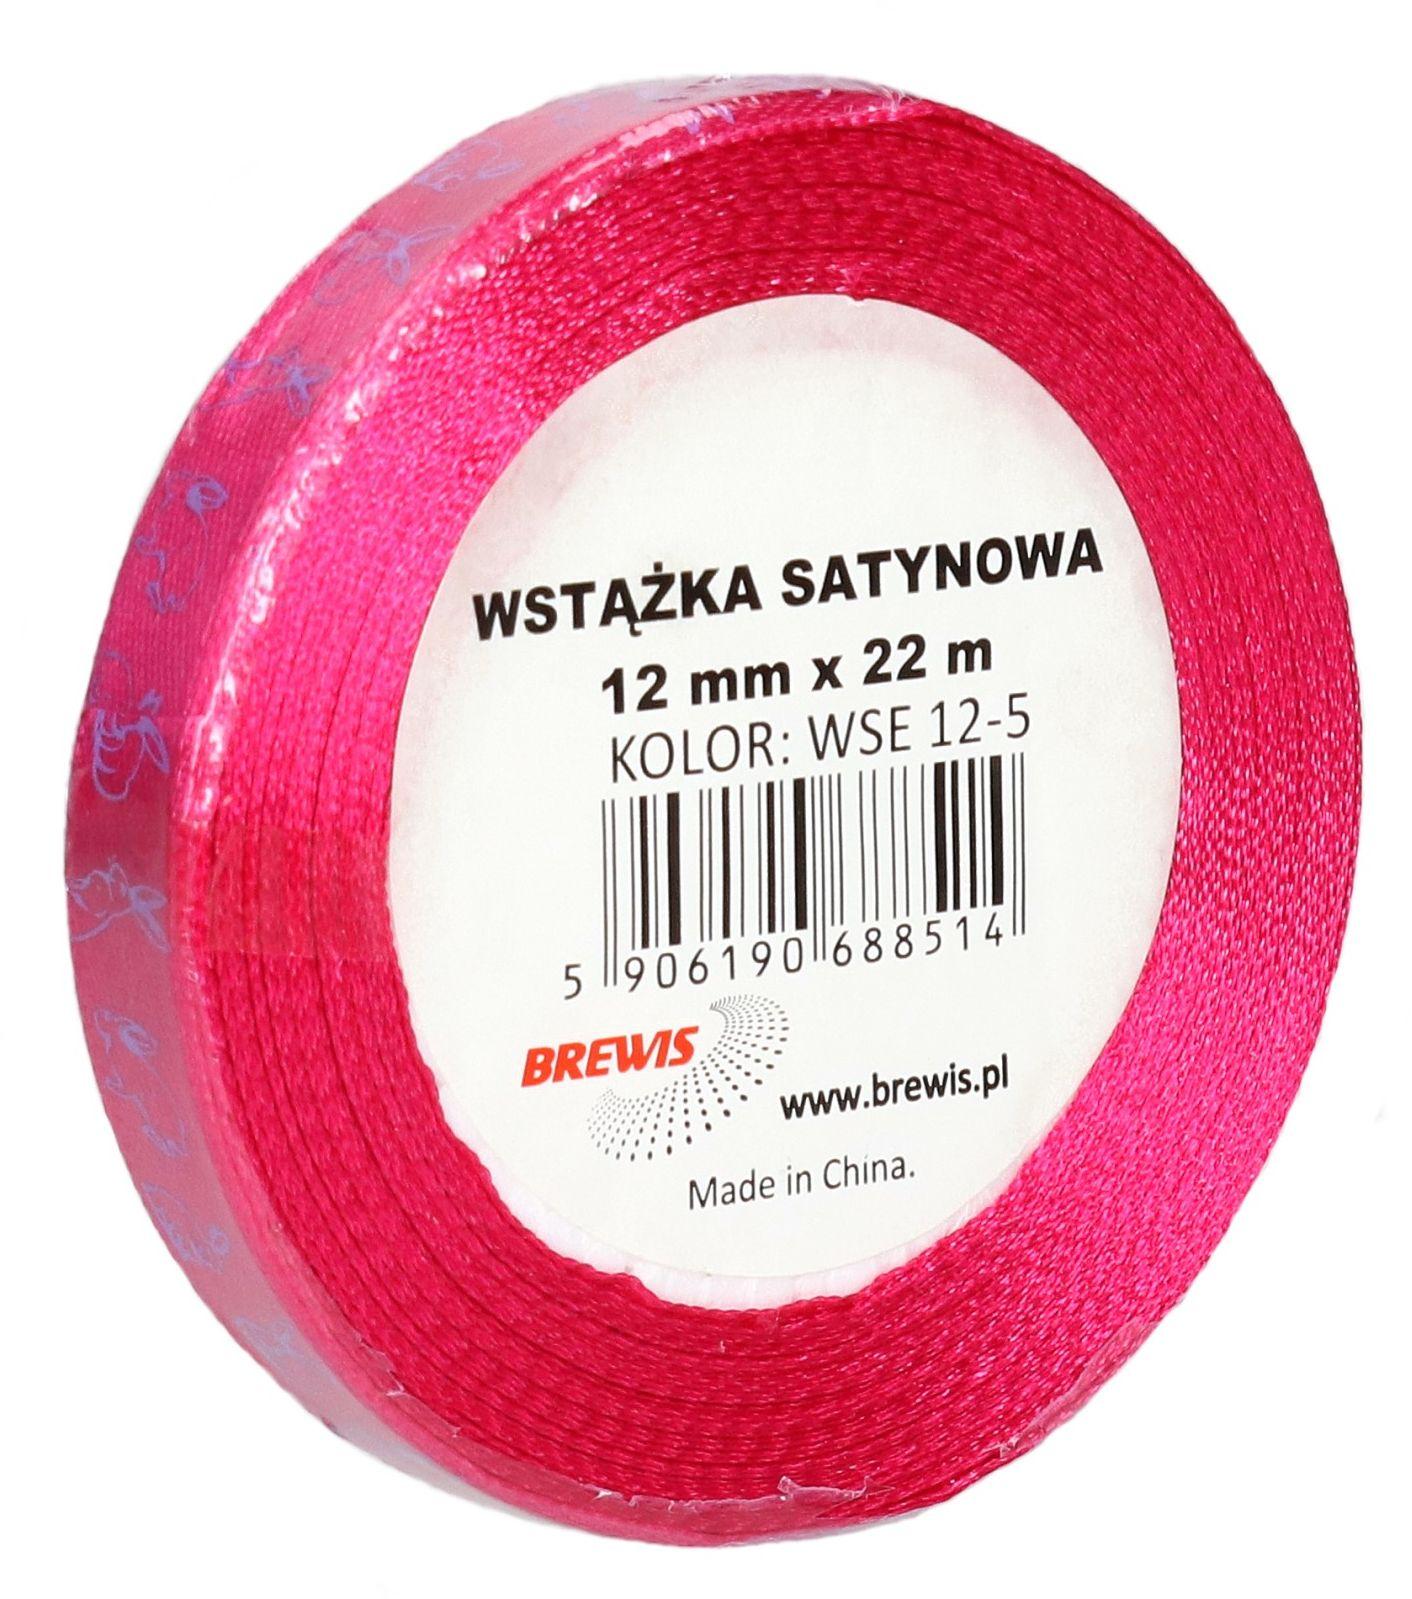 Wstążka satynowa 12mm różowa wielkanoc Brewis WSE12-5